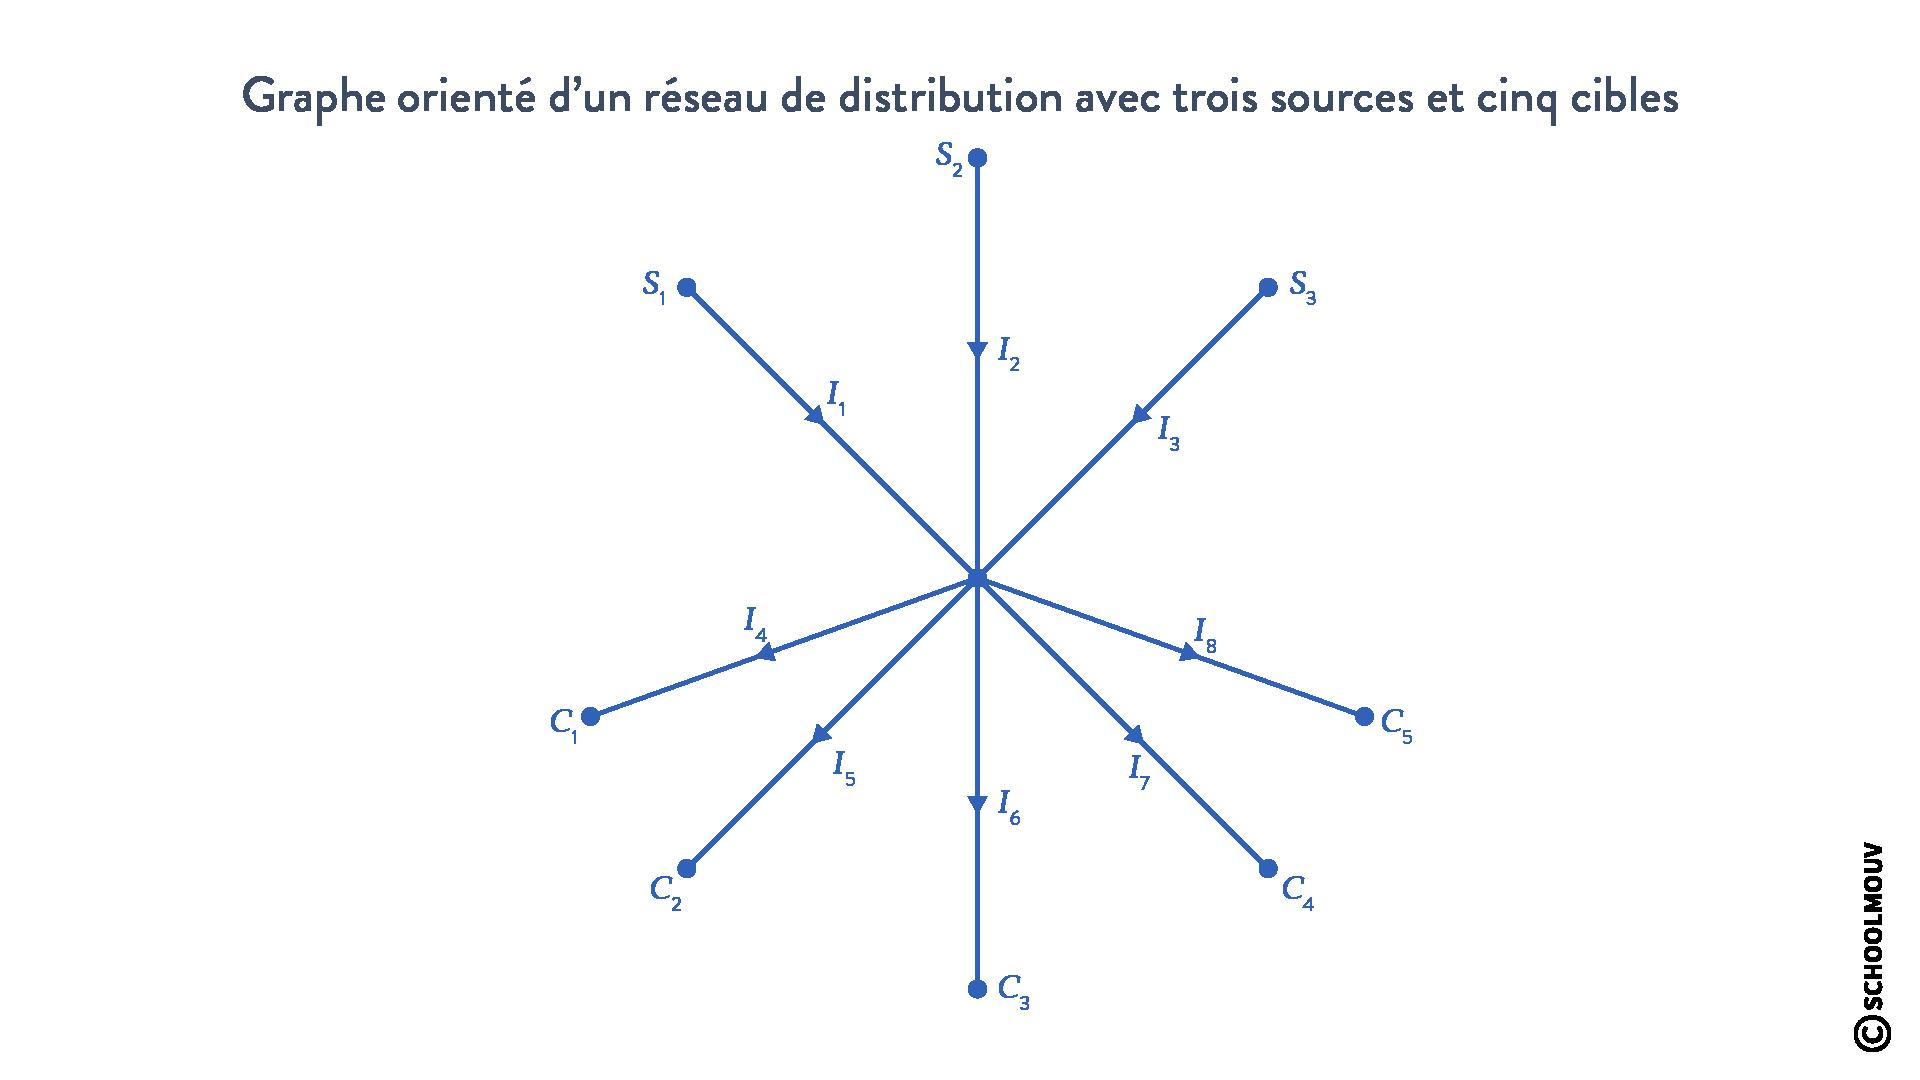 Graphe orienté réseau distribution électricité sources cibles